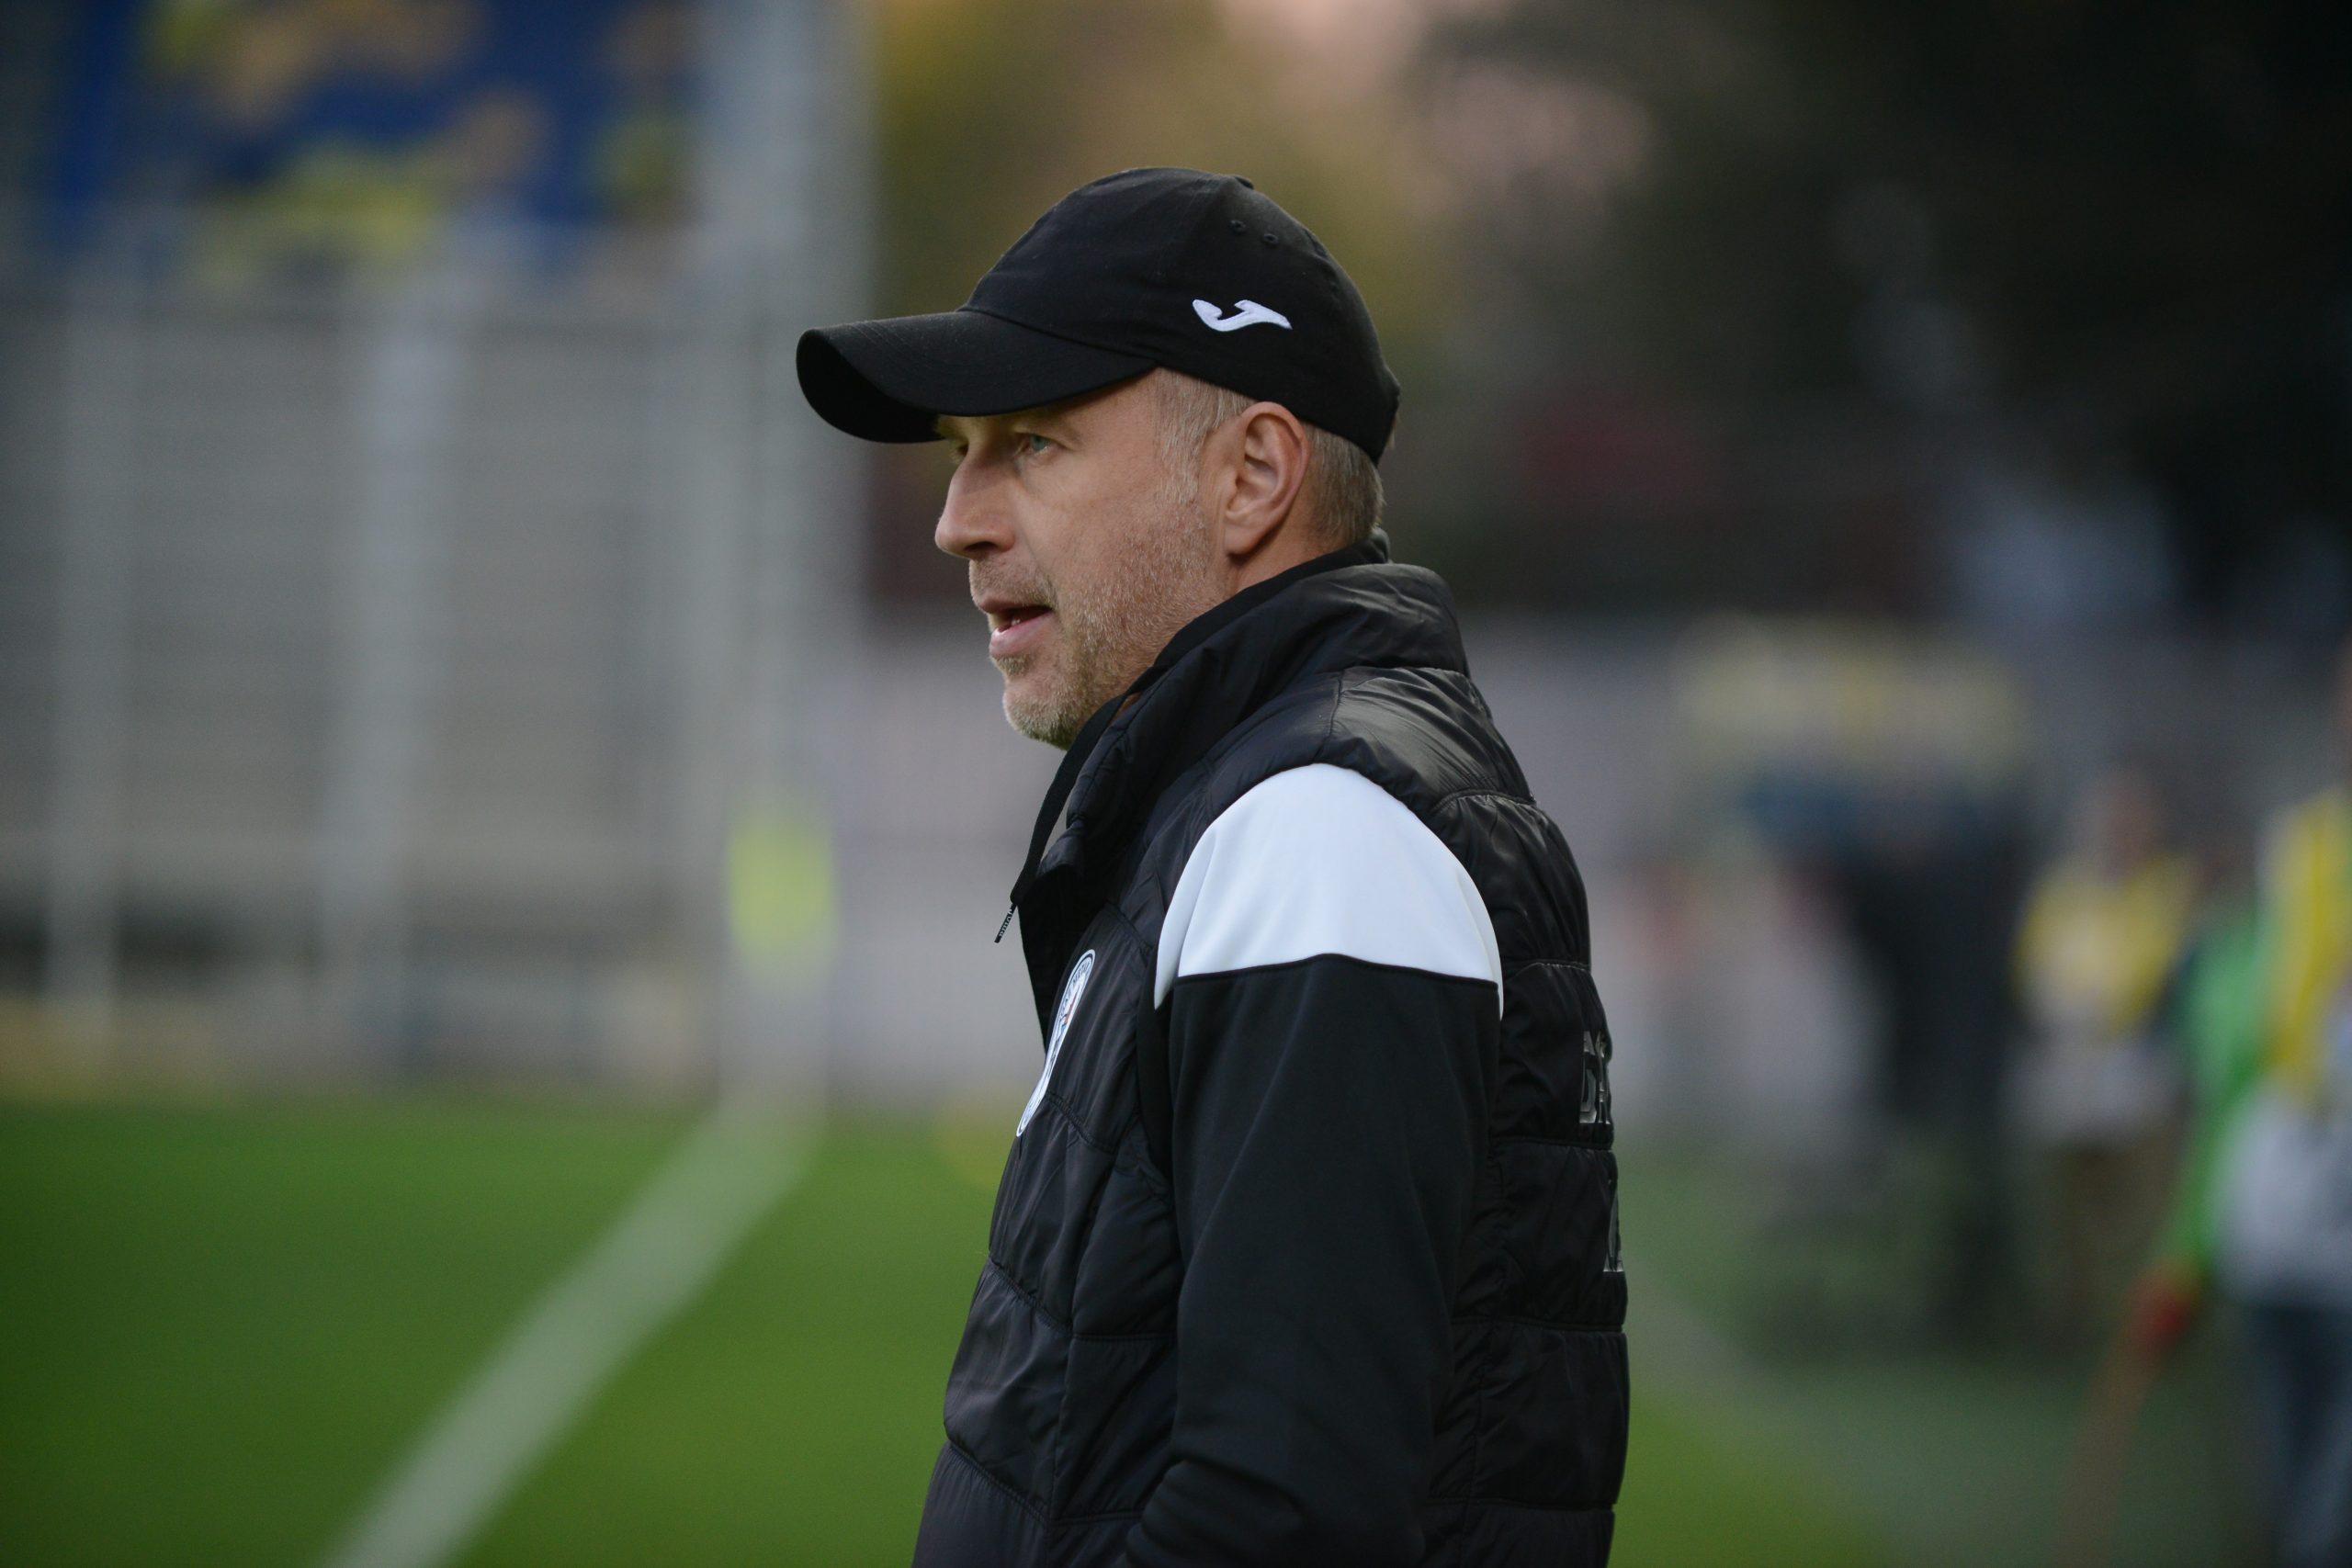 Echipa care i-a oferit 1 milion de euro pe sezon lui Edi Iordănescu. Răspunsul fostului antrenor de la CFR Cluj